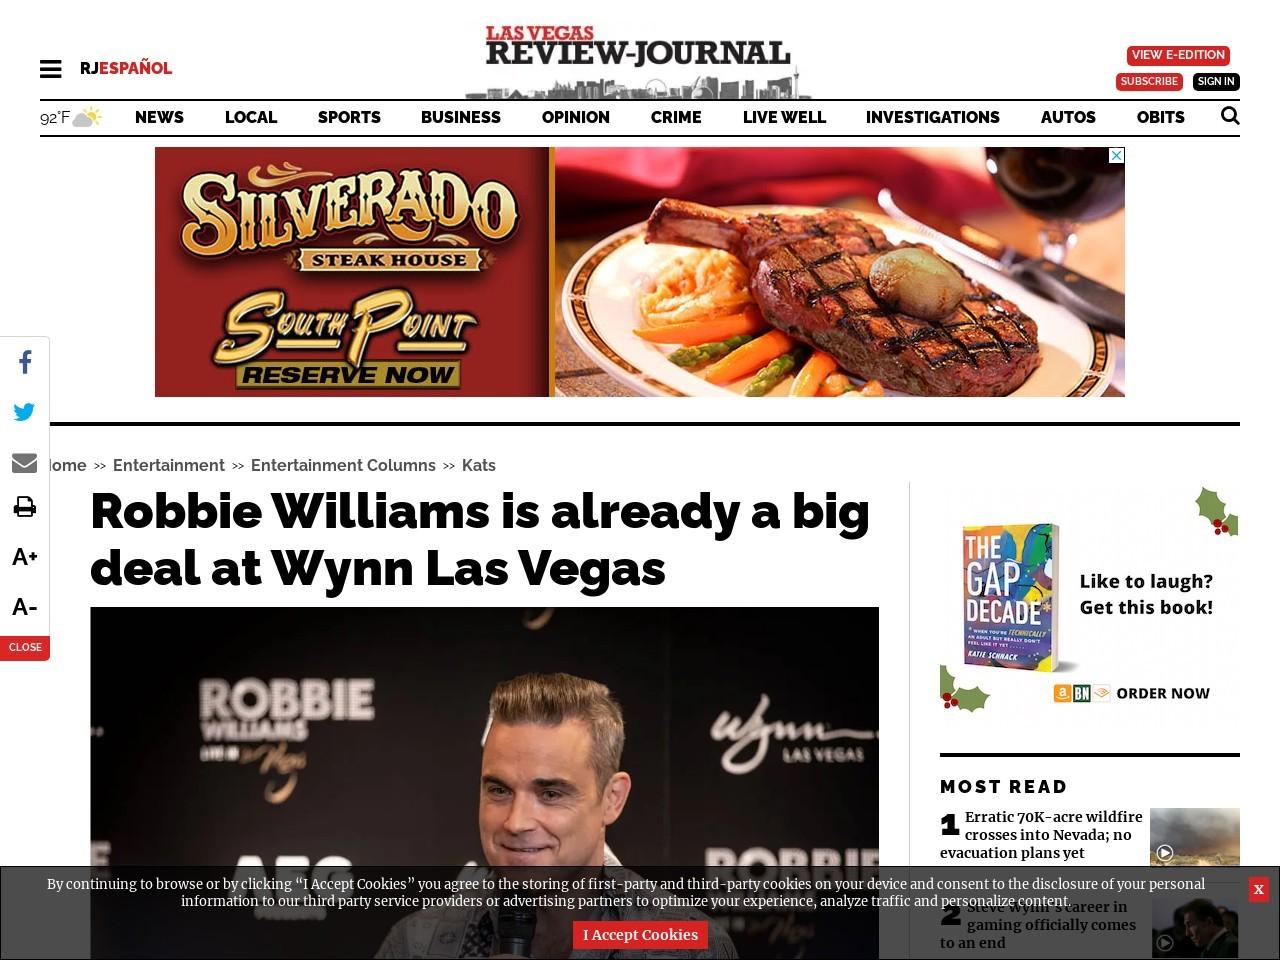 Robbie Williams is already a big … deal at Wynn Las Vegas